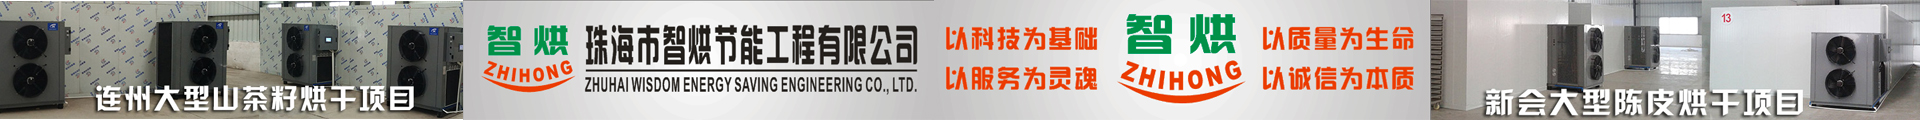 珠海市智烘節能工程有限公司